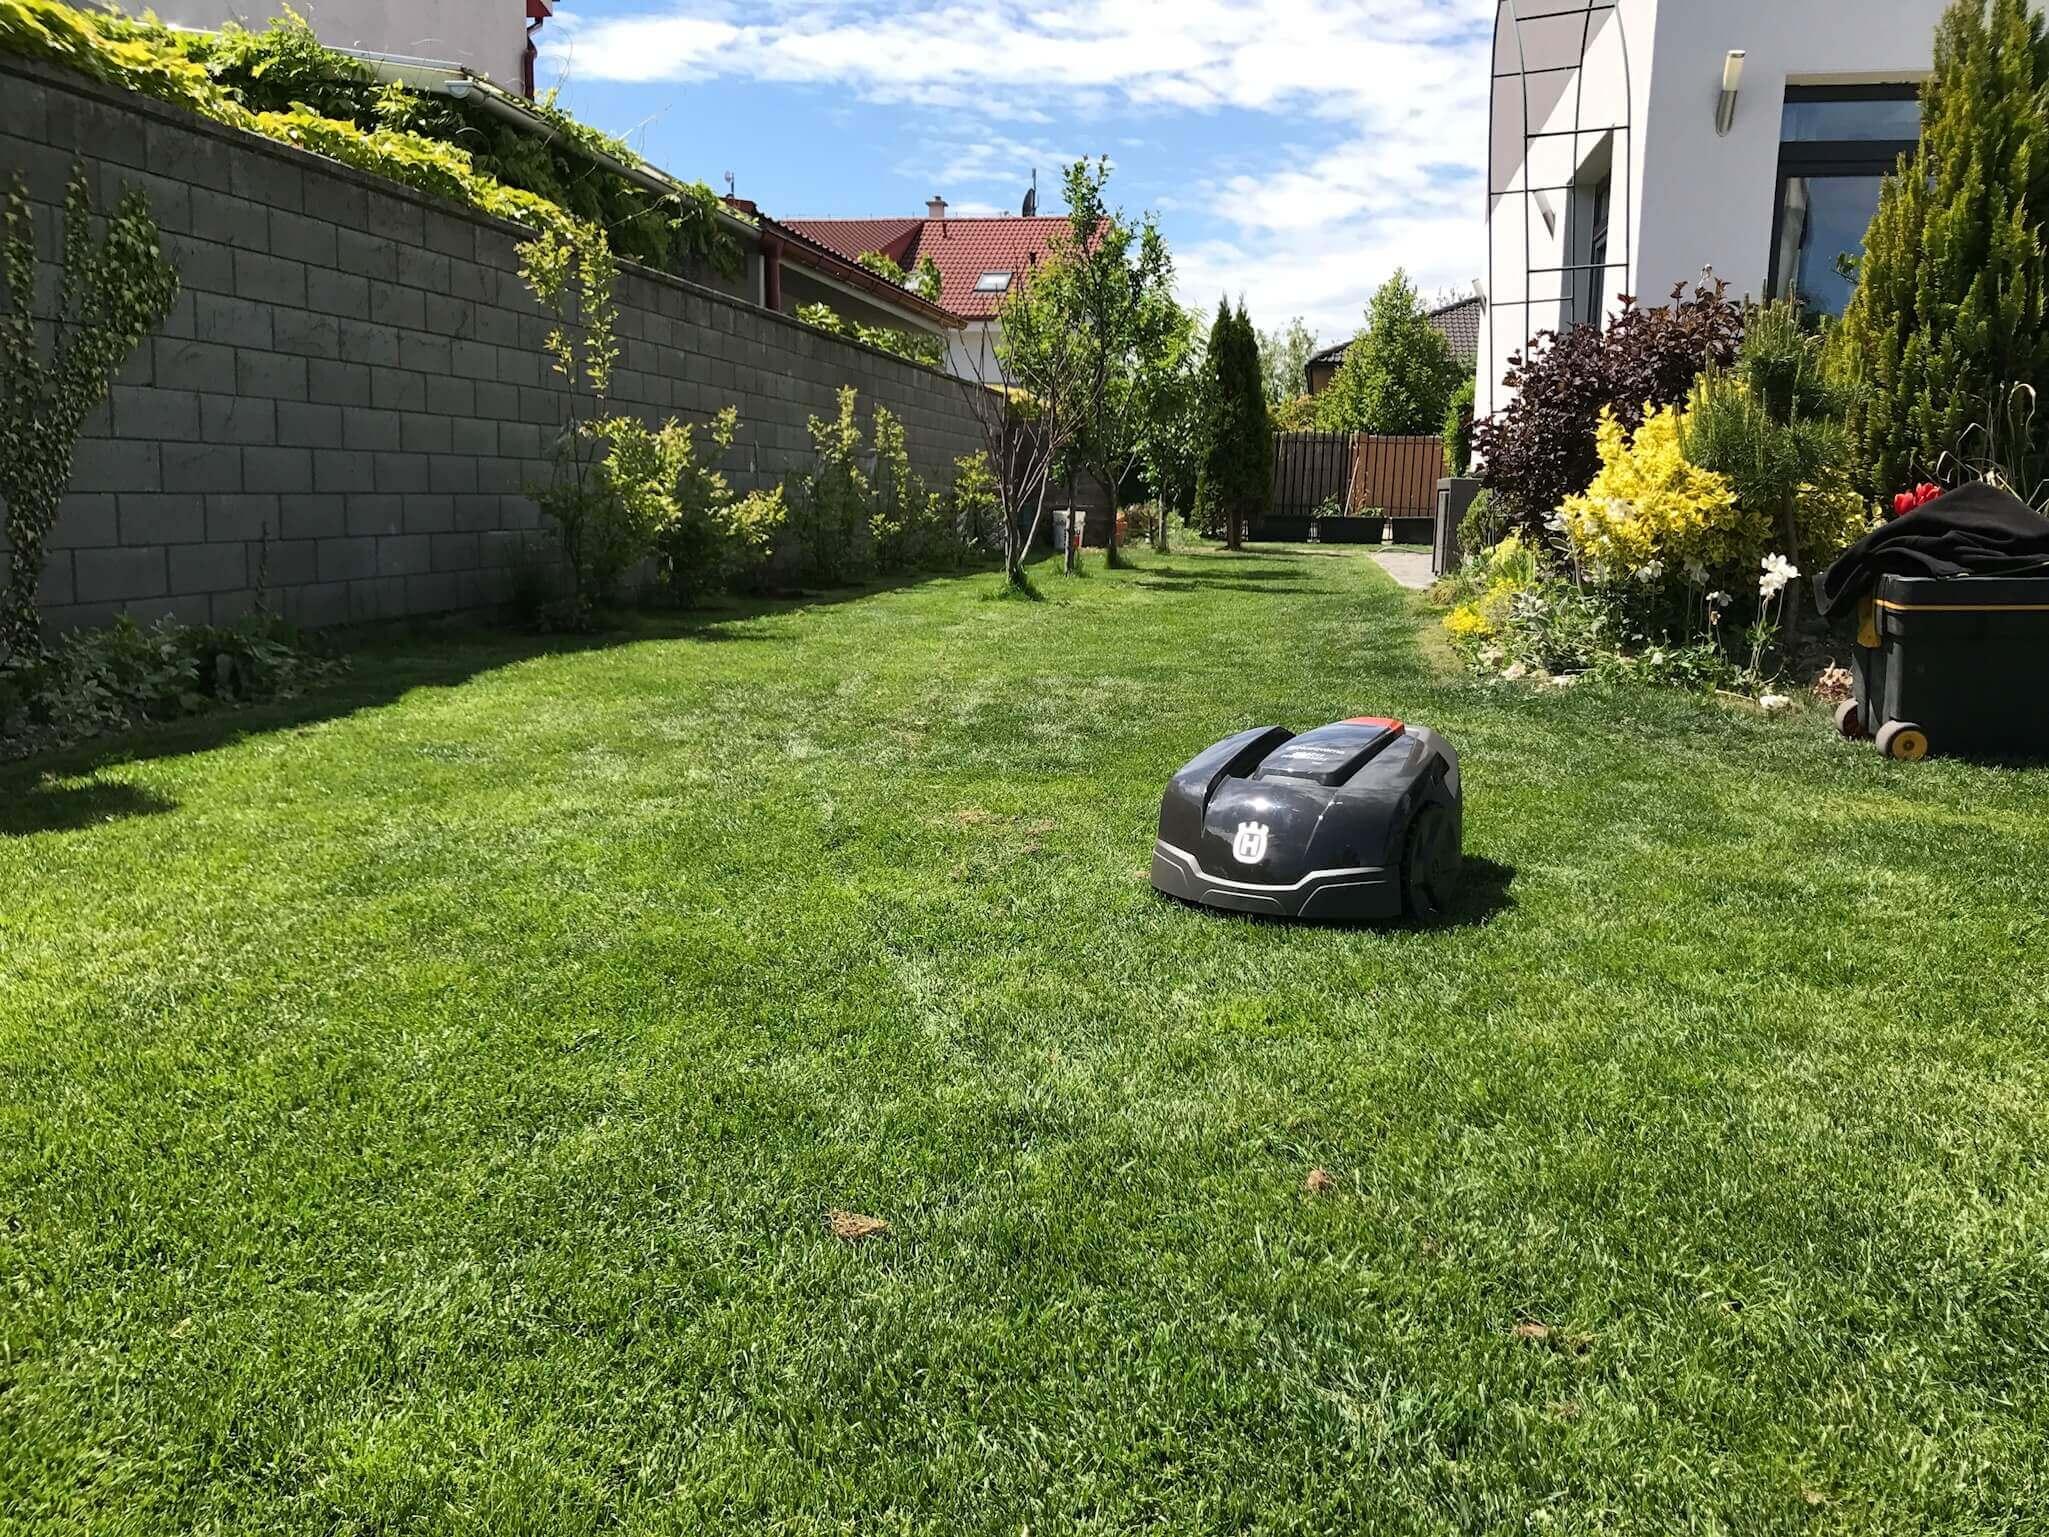 Keď si majitelia užívajú leto ja s radosťou pokosím záhradu úplne sám.